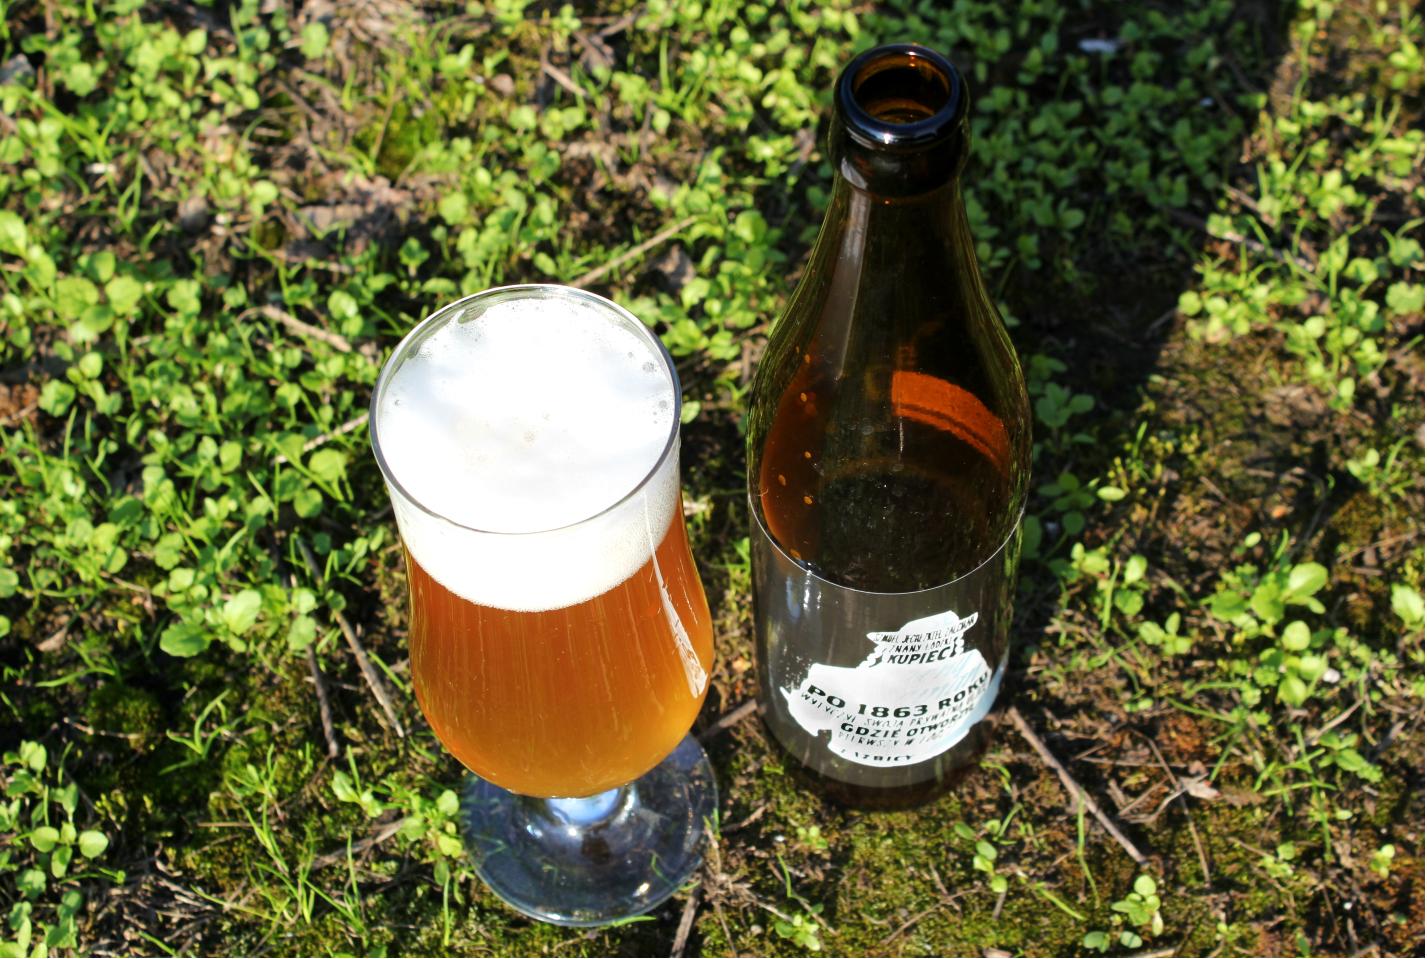 zacny-zalcman-recenzja-piwoteka-2